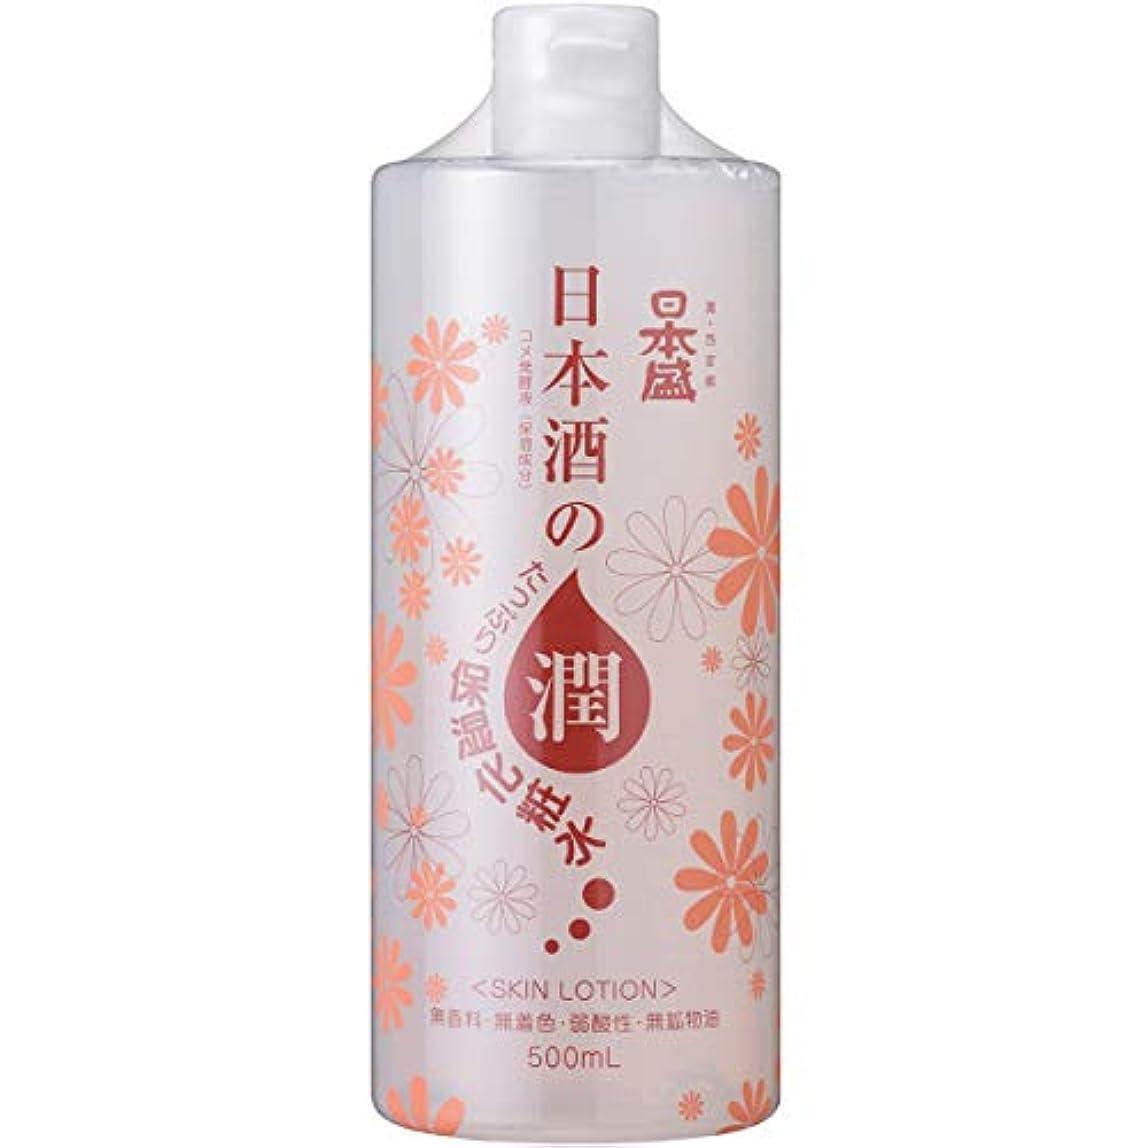 考えた組み込む人に関する限り日本盛 日本酒の保湿化粧水 500mL(無香料 無着色 弱酸性 さらっと)